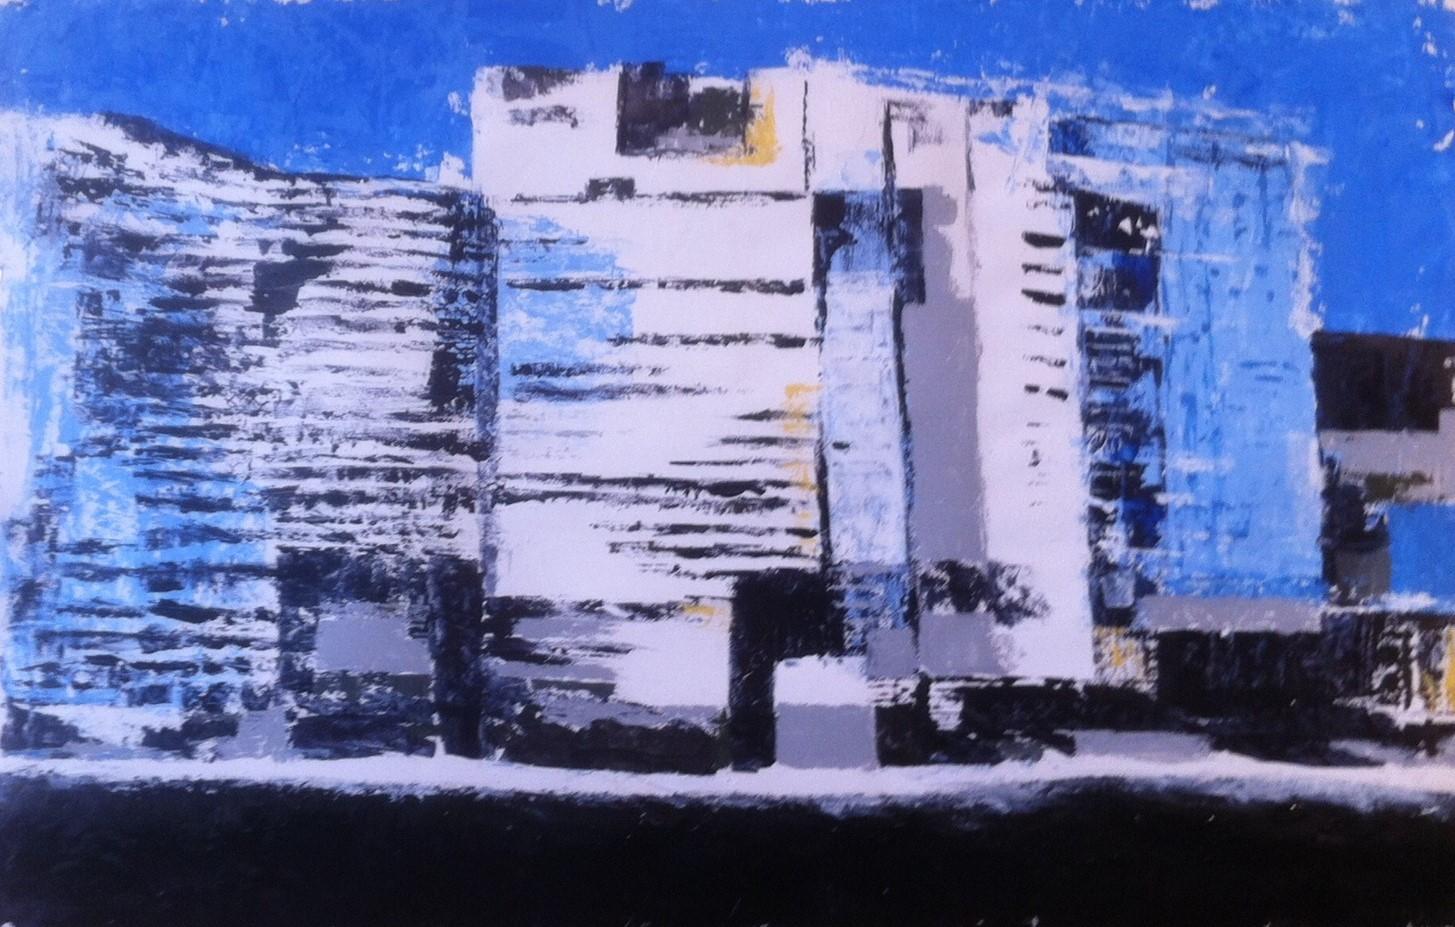 N°1627 - Quartier neuf - Acrylique sur papier - 65 x 100 cm - 16 octobre 2014